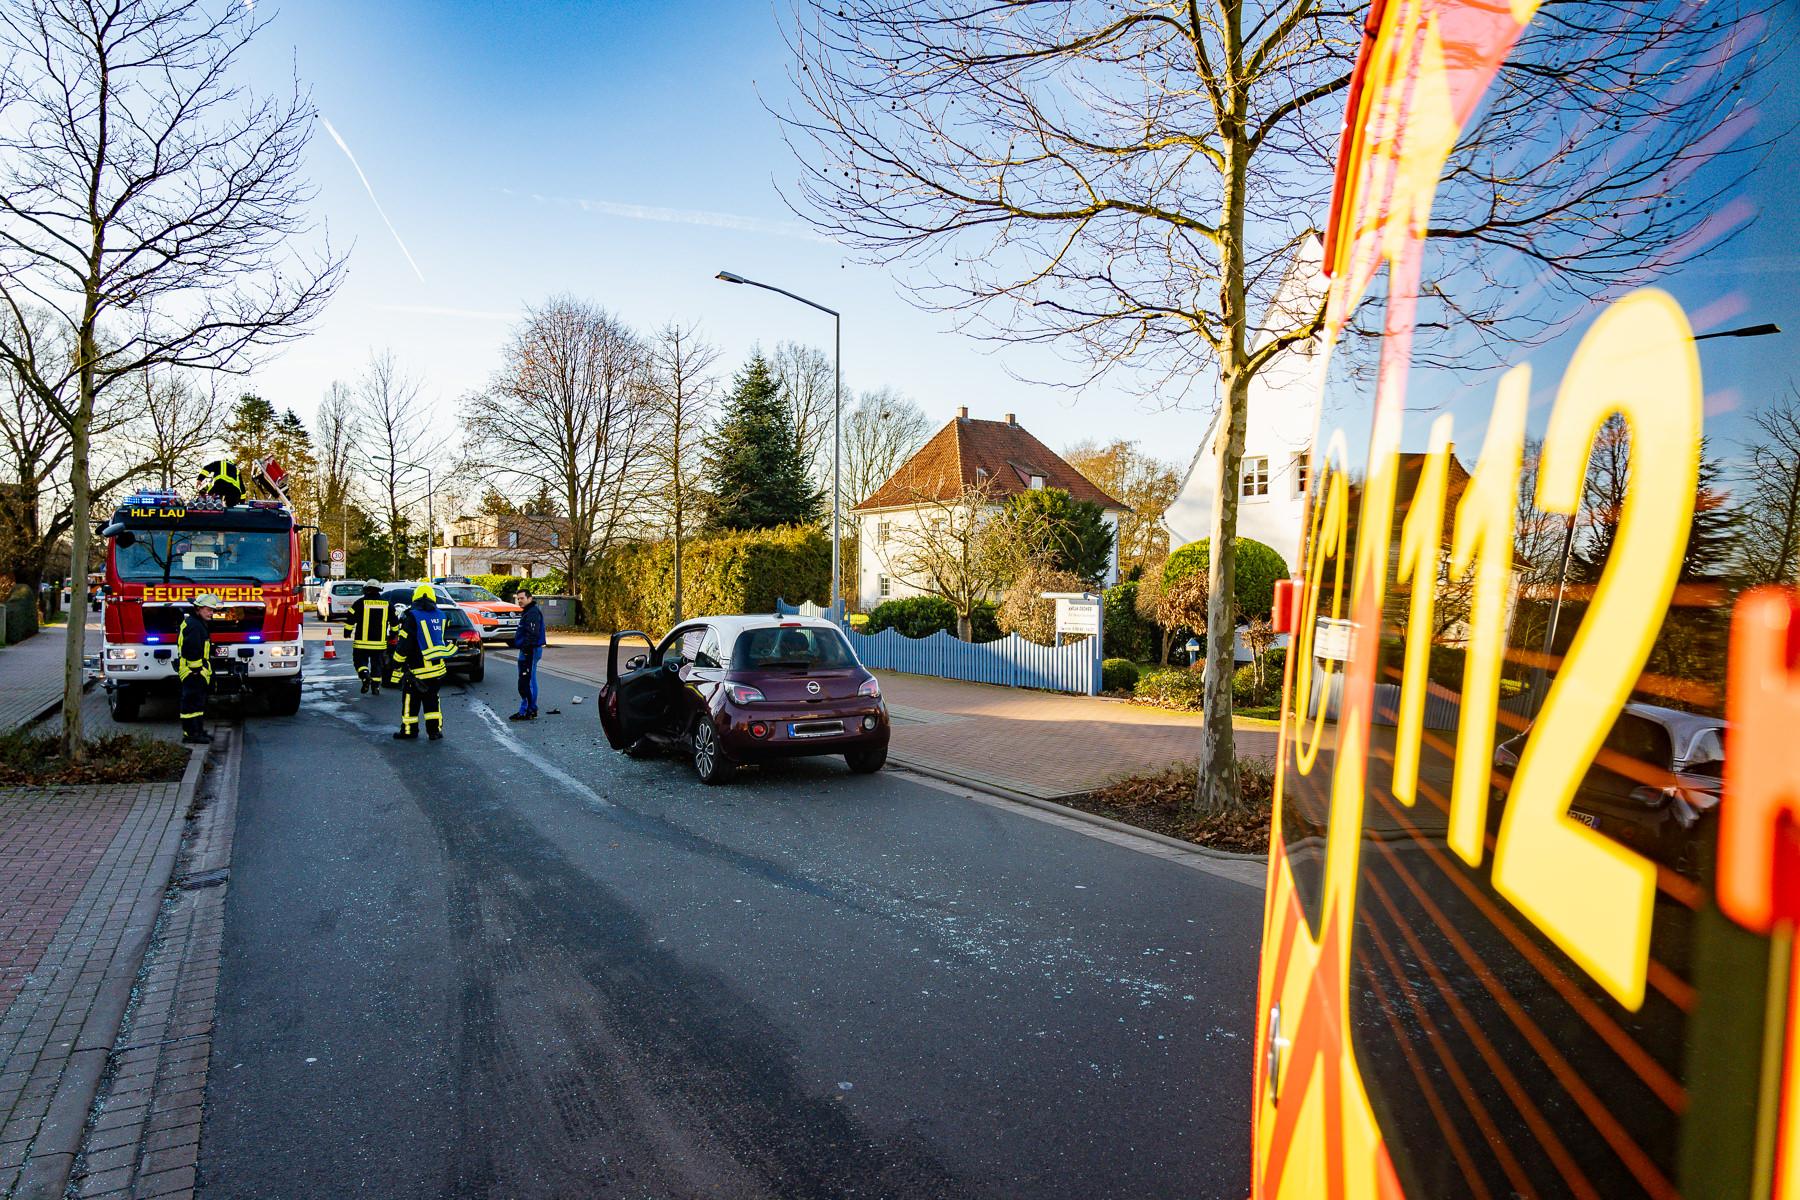 Die ehrenamtlichen Feuerwehrleute sicherten die Unfallstelle ab, mussten aber niemanden mehr befreien (Foto: n112.de/Stefan Simonsen)